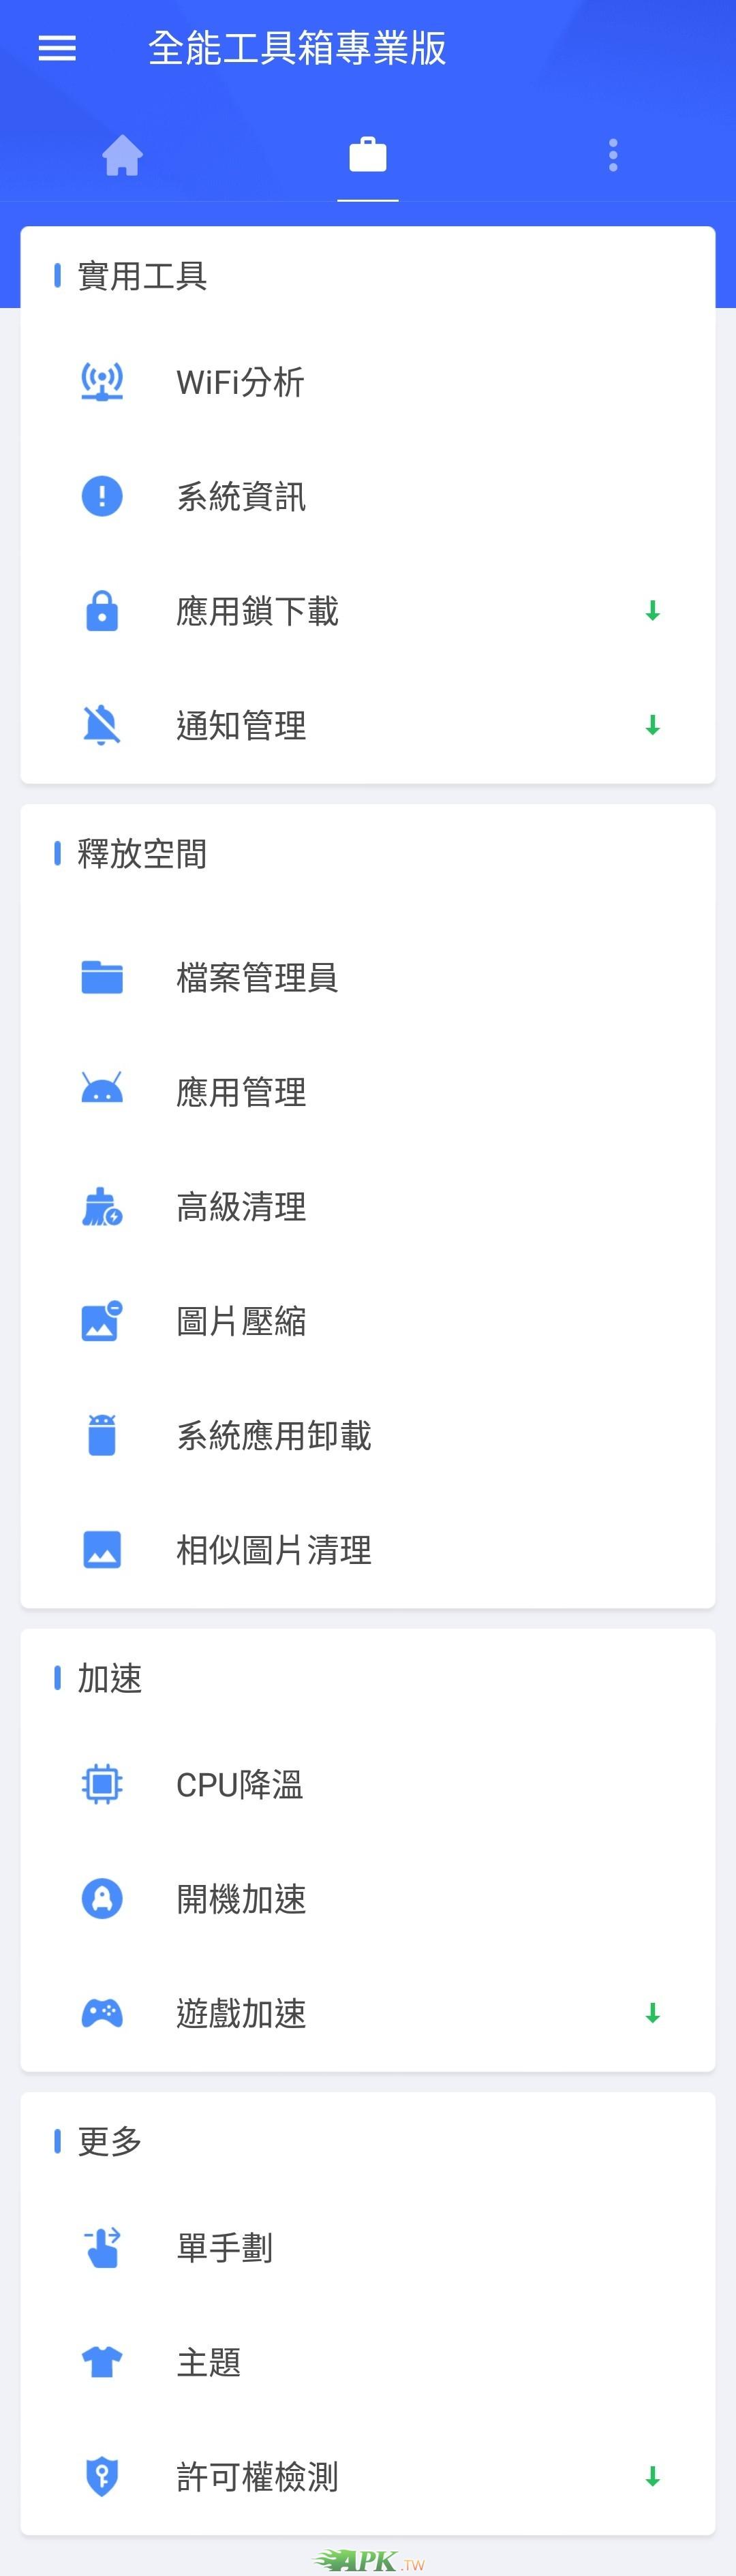 AIO_Toolbox__2.jpg